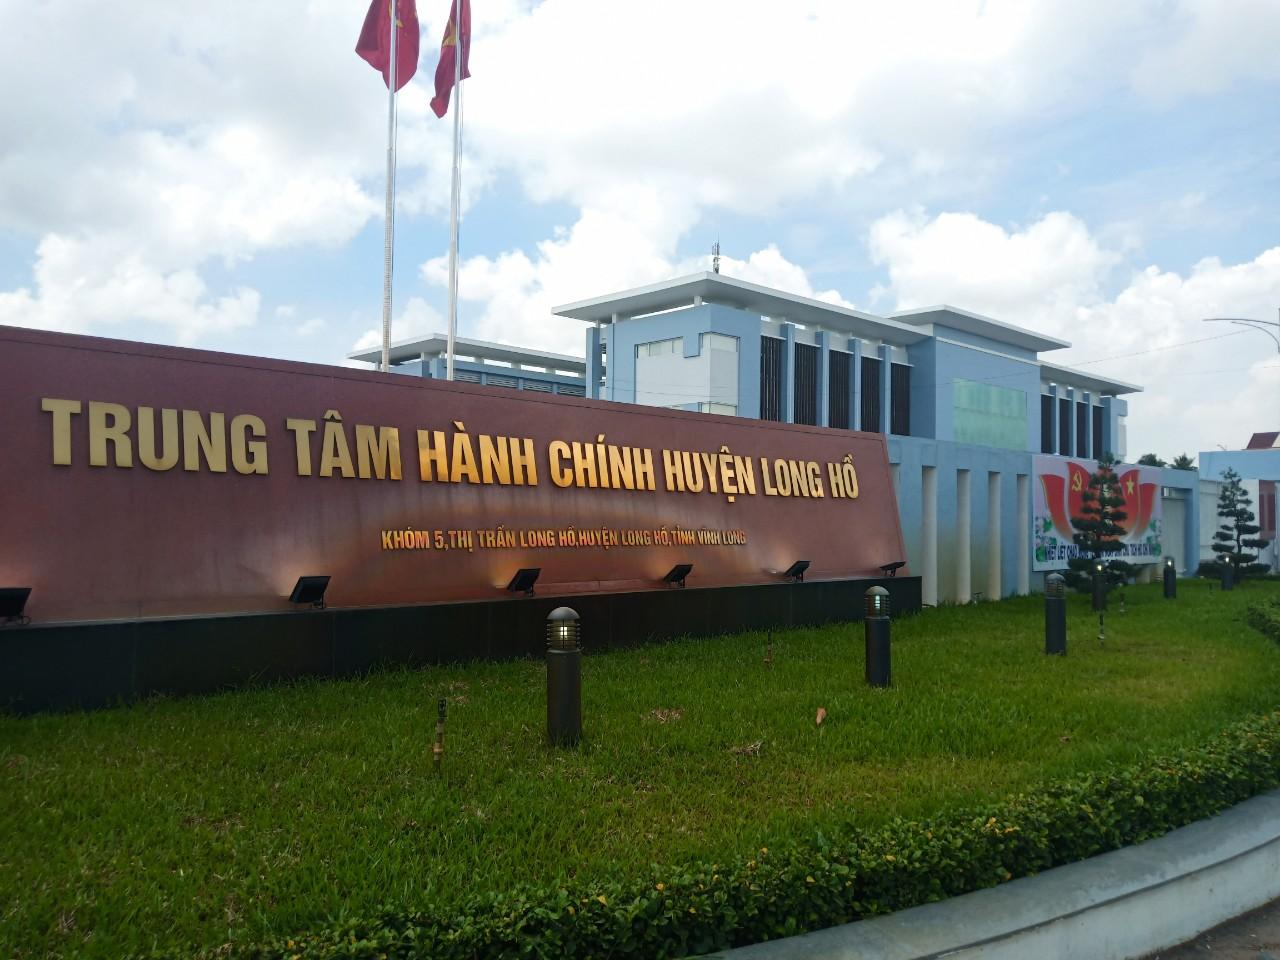 Làm vách ngăn nhà vệ sinh cao cấp giá rẻ cho Trung tâm hành chính huyện Long Hồ, Vĩnh Long